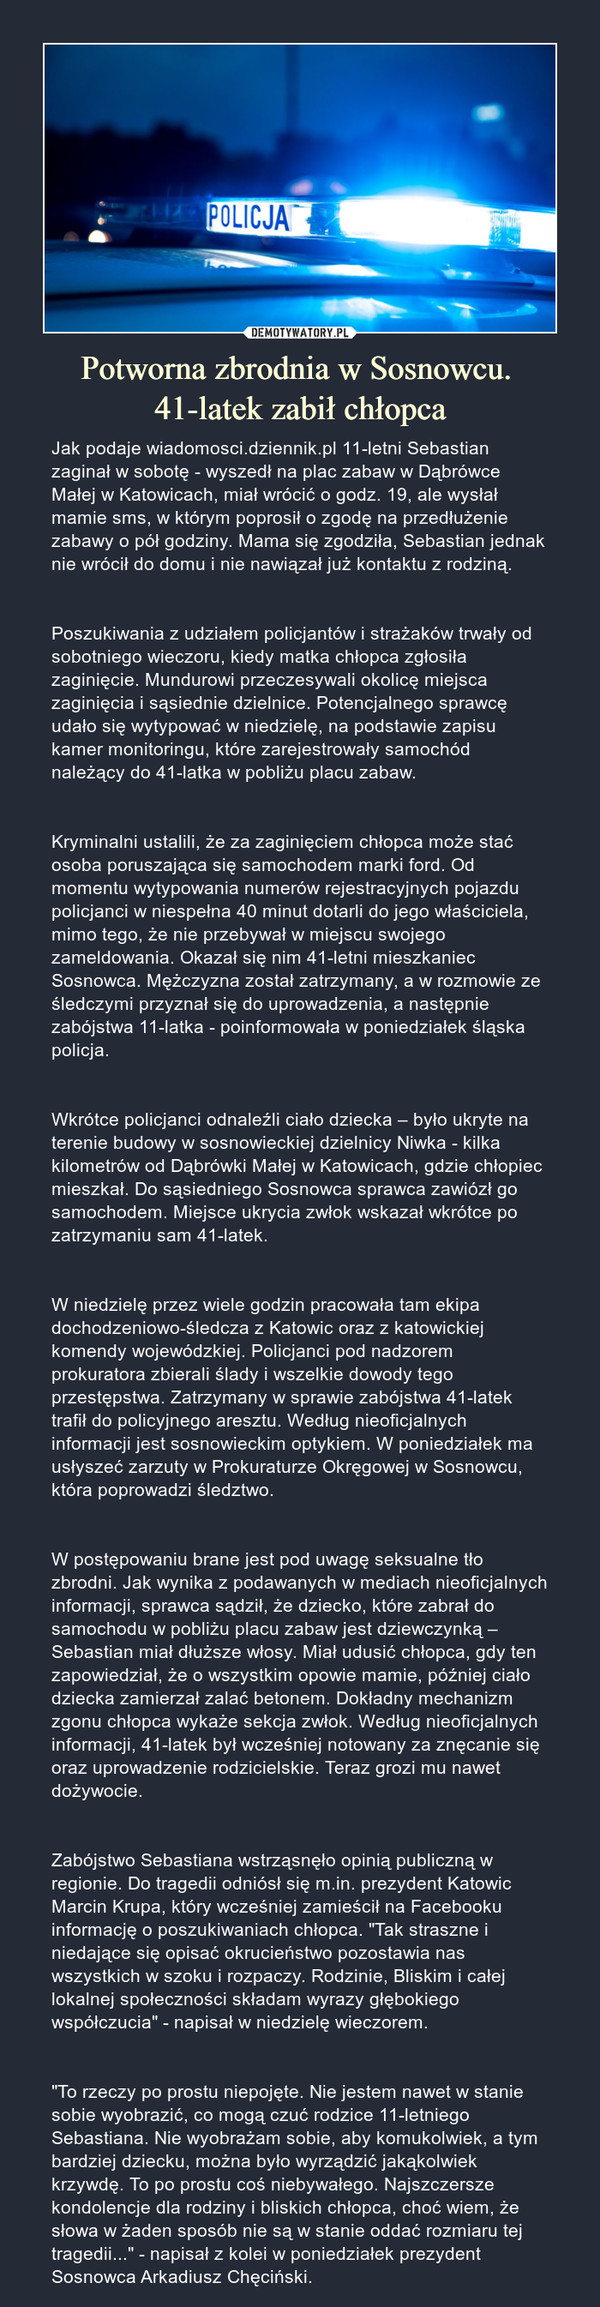 Potworna zbrodnia w Sosnowcu. 41-latek zabił chłopca – Jak podaje wiadomosci.dziennik.pl 11-letni Sebastian zaginał w sobotę - wyszedł na plac zabaw w Dąbrówce Małej w Katowicach, miał wrócić o godz. 19, ale wysłał mamie sms, w którym poprosił o zgodę na przedłużenie zabawy o pół godziny. Mama się zgodziła, Sebastian jednak nie wrócił do domu i nie nawiązał już kontaktu z rodziną.Poszukiwania z udziałem policjantów i strażaków trwały od sobotniego wieczoru, kiedy matka chłopca zgłosiła zaginięcie. Mundurowi przeczesywali okolicę miejsca zaginięcia i sąsiednie dzielnice. Potencjalnego sprawcę udało się wytypować w niedzielę, na podstawie zapisu kamer monitoringu, które zarejestrowały samochód należący do 41-latka w pobliżu placu zabaw.Kryminalni ustalili, że za zaginięciem chłopca może stać osoba poruszająca się samochodem marki ford. Od momentu wytypowania numerów rejestracyjnych pojazdu policjanci w niespełna 40 minut dotarli do jego właściciela, mimo tego, że nie przebywał w miejscu swojego zameldowania. Okazał się nim 41-letni mieszkaniec Sosnowca. Mężczyzna został zatrzymany, a w rozmowie ze śledczymi przyznał się do uprowadzenia, a następnie zabójstwa 11-latka - poinformowała w poniedziałek śląska policja.Wkrótce policjanci odnaleźli ciało dziecka – było ukryte na terenie budowy w sosnowieckiej dzielnicy Niwka - kilka kilometrów od Dąbrówki Małej w Katowicach, gdzie chłopiec mieszkał. Do sąsiedniego Sosnowca sprawca zawiózł go samochodem. Miejsce ukrycia zwłok wskazał wkrótce po zatrzymaniu sam 41-latek.W niedzielę przez wiele godzin pracowała tam ekipa dochodzeniowo-śledcza z Katowic oraz z katowickiej komendy wojewódzkiej. Policjanci pod nadzorem prokuratora zbierali ślady i wszelkie dowody tego przestępstwa. Zatrzymany w sprawie zabójstwa 41-latek trafił do policyjnego aresztu. Według nieoficjalnych informacji jest sosnowieckim optykiem. W poniedziałek ma usłyszeć zarzuty w Prokuraturze Okręgowej w Sosnowcu, która poprowadzi śledztwo.W postępowaniu brane jes